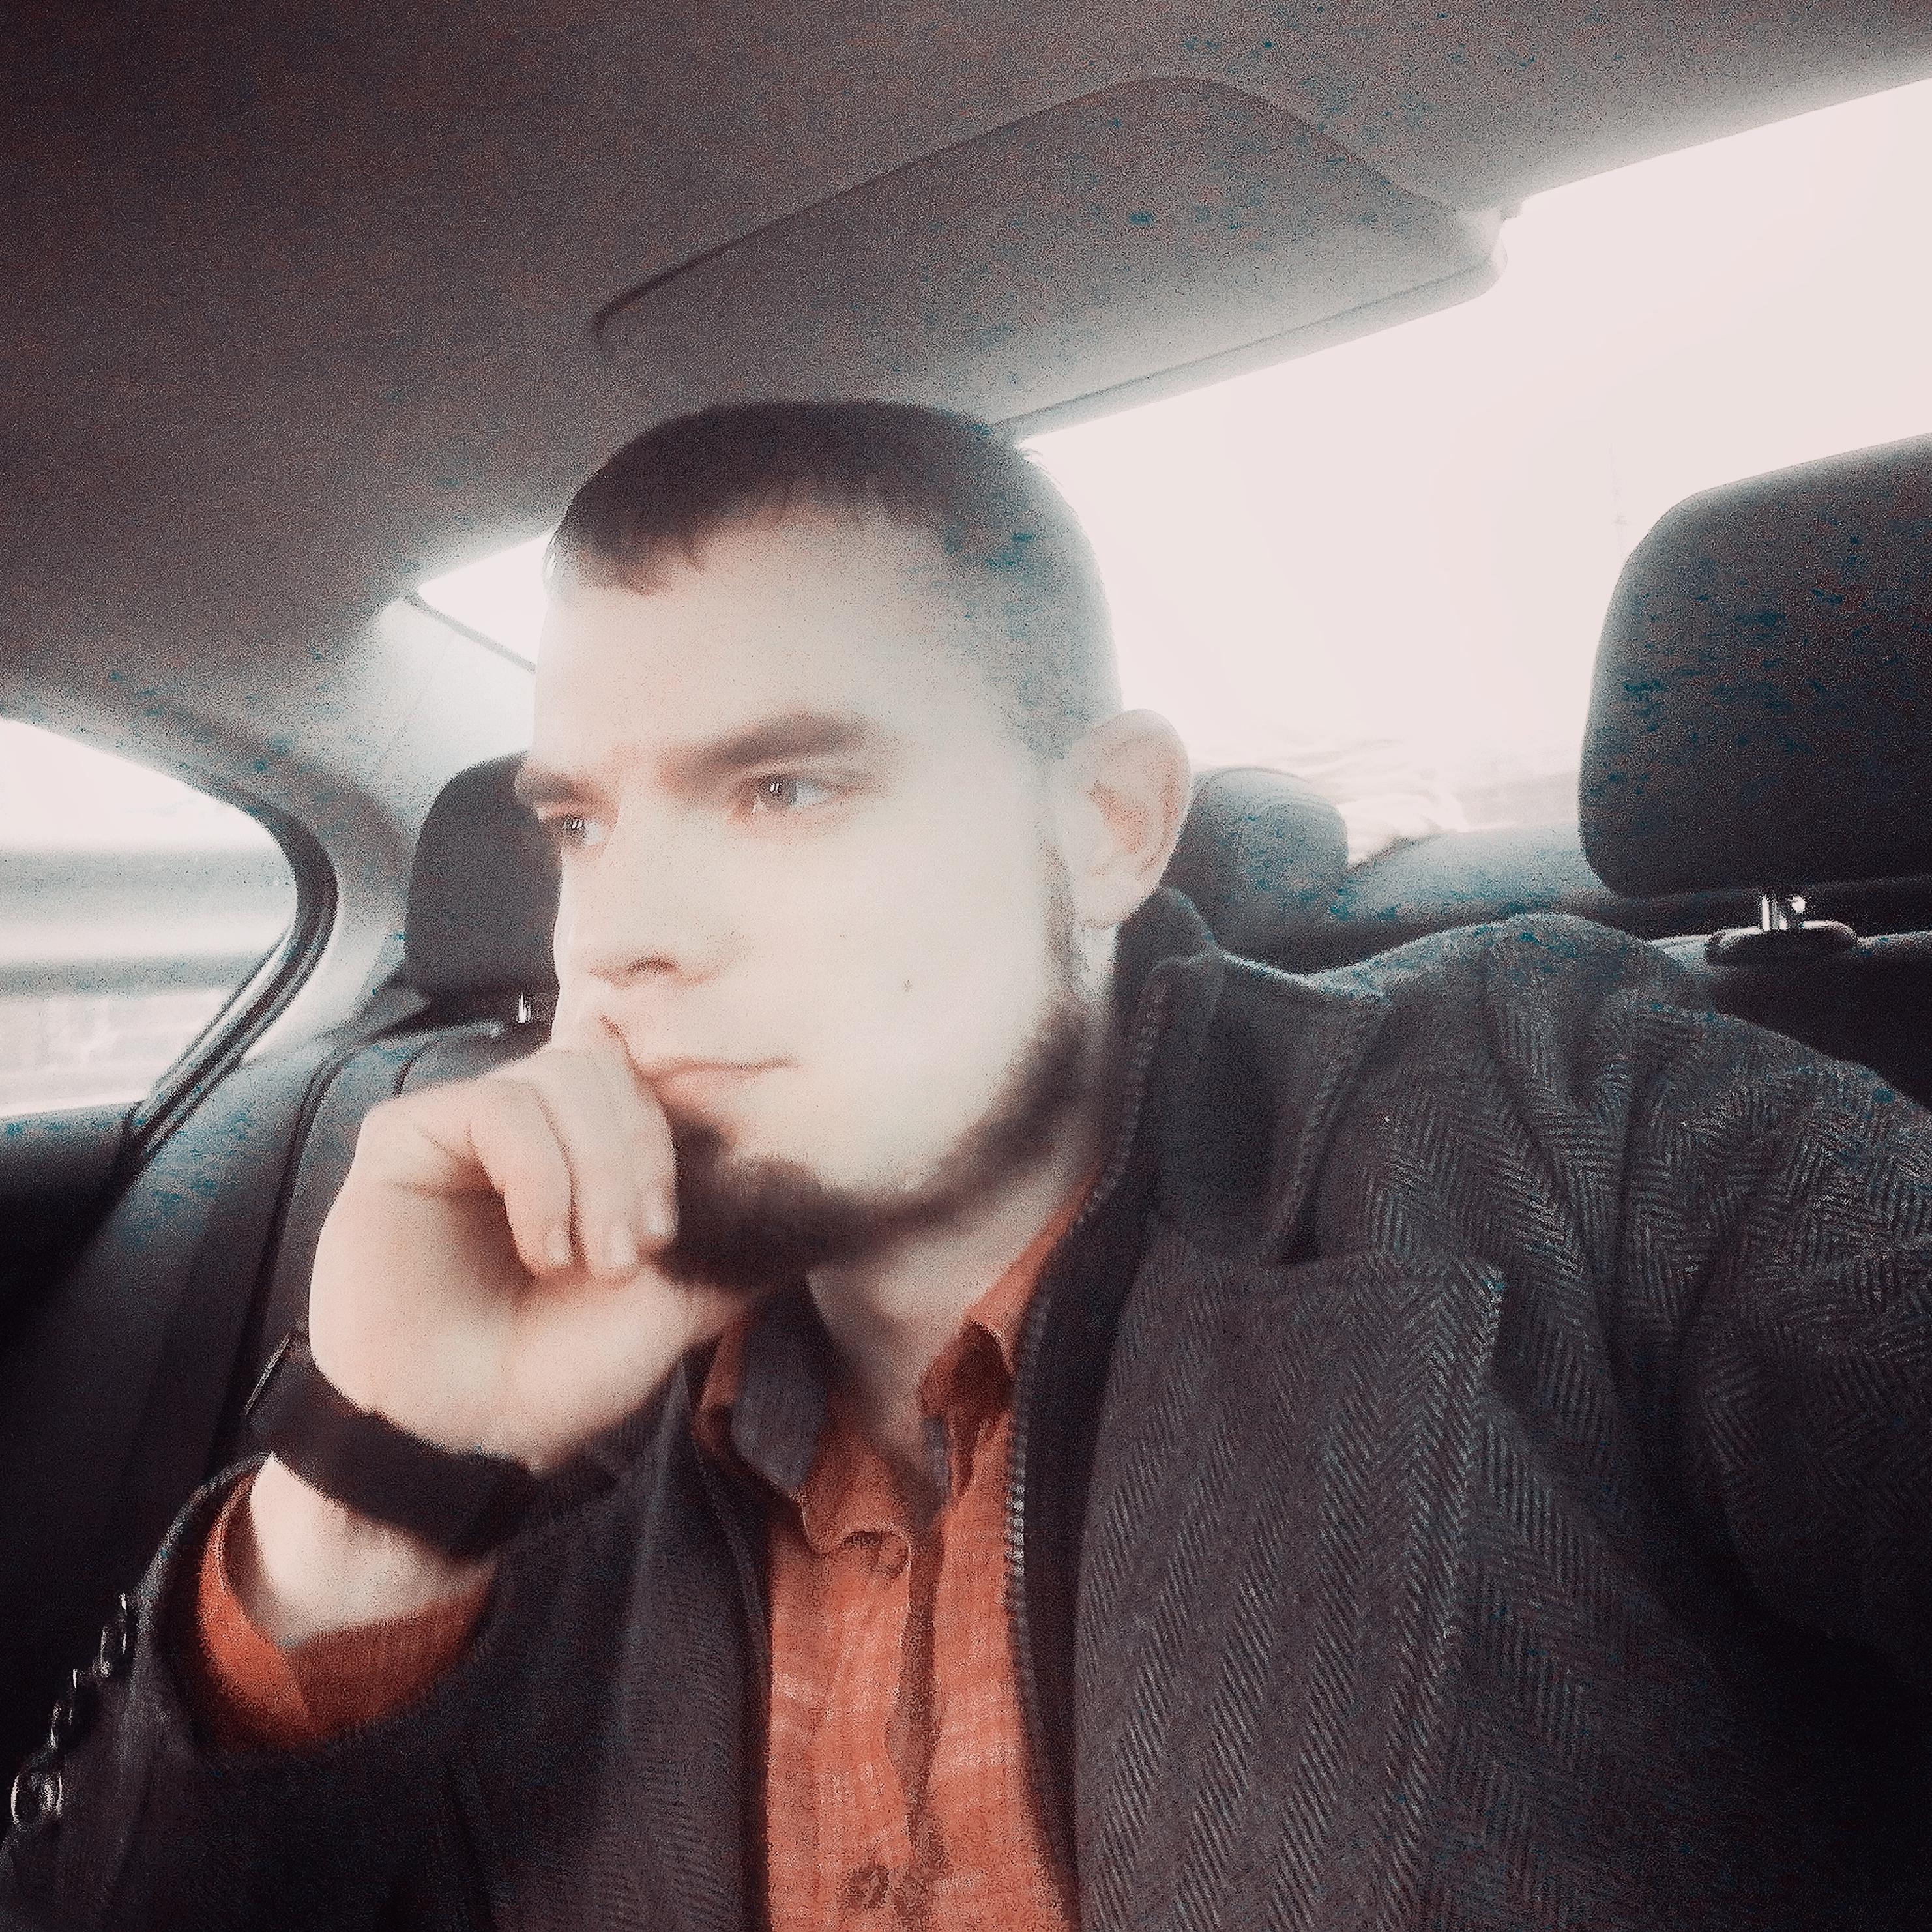 Менеджер - Водитель - Ремонт